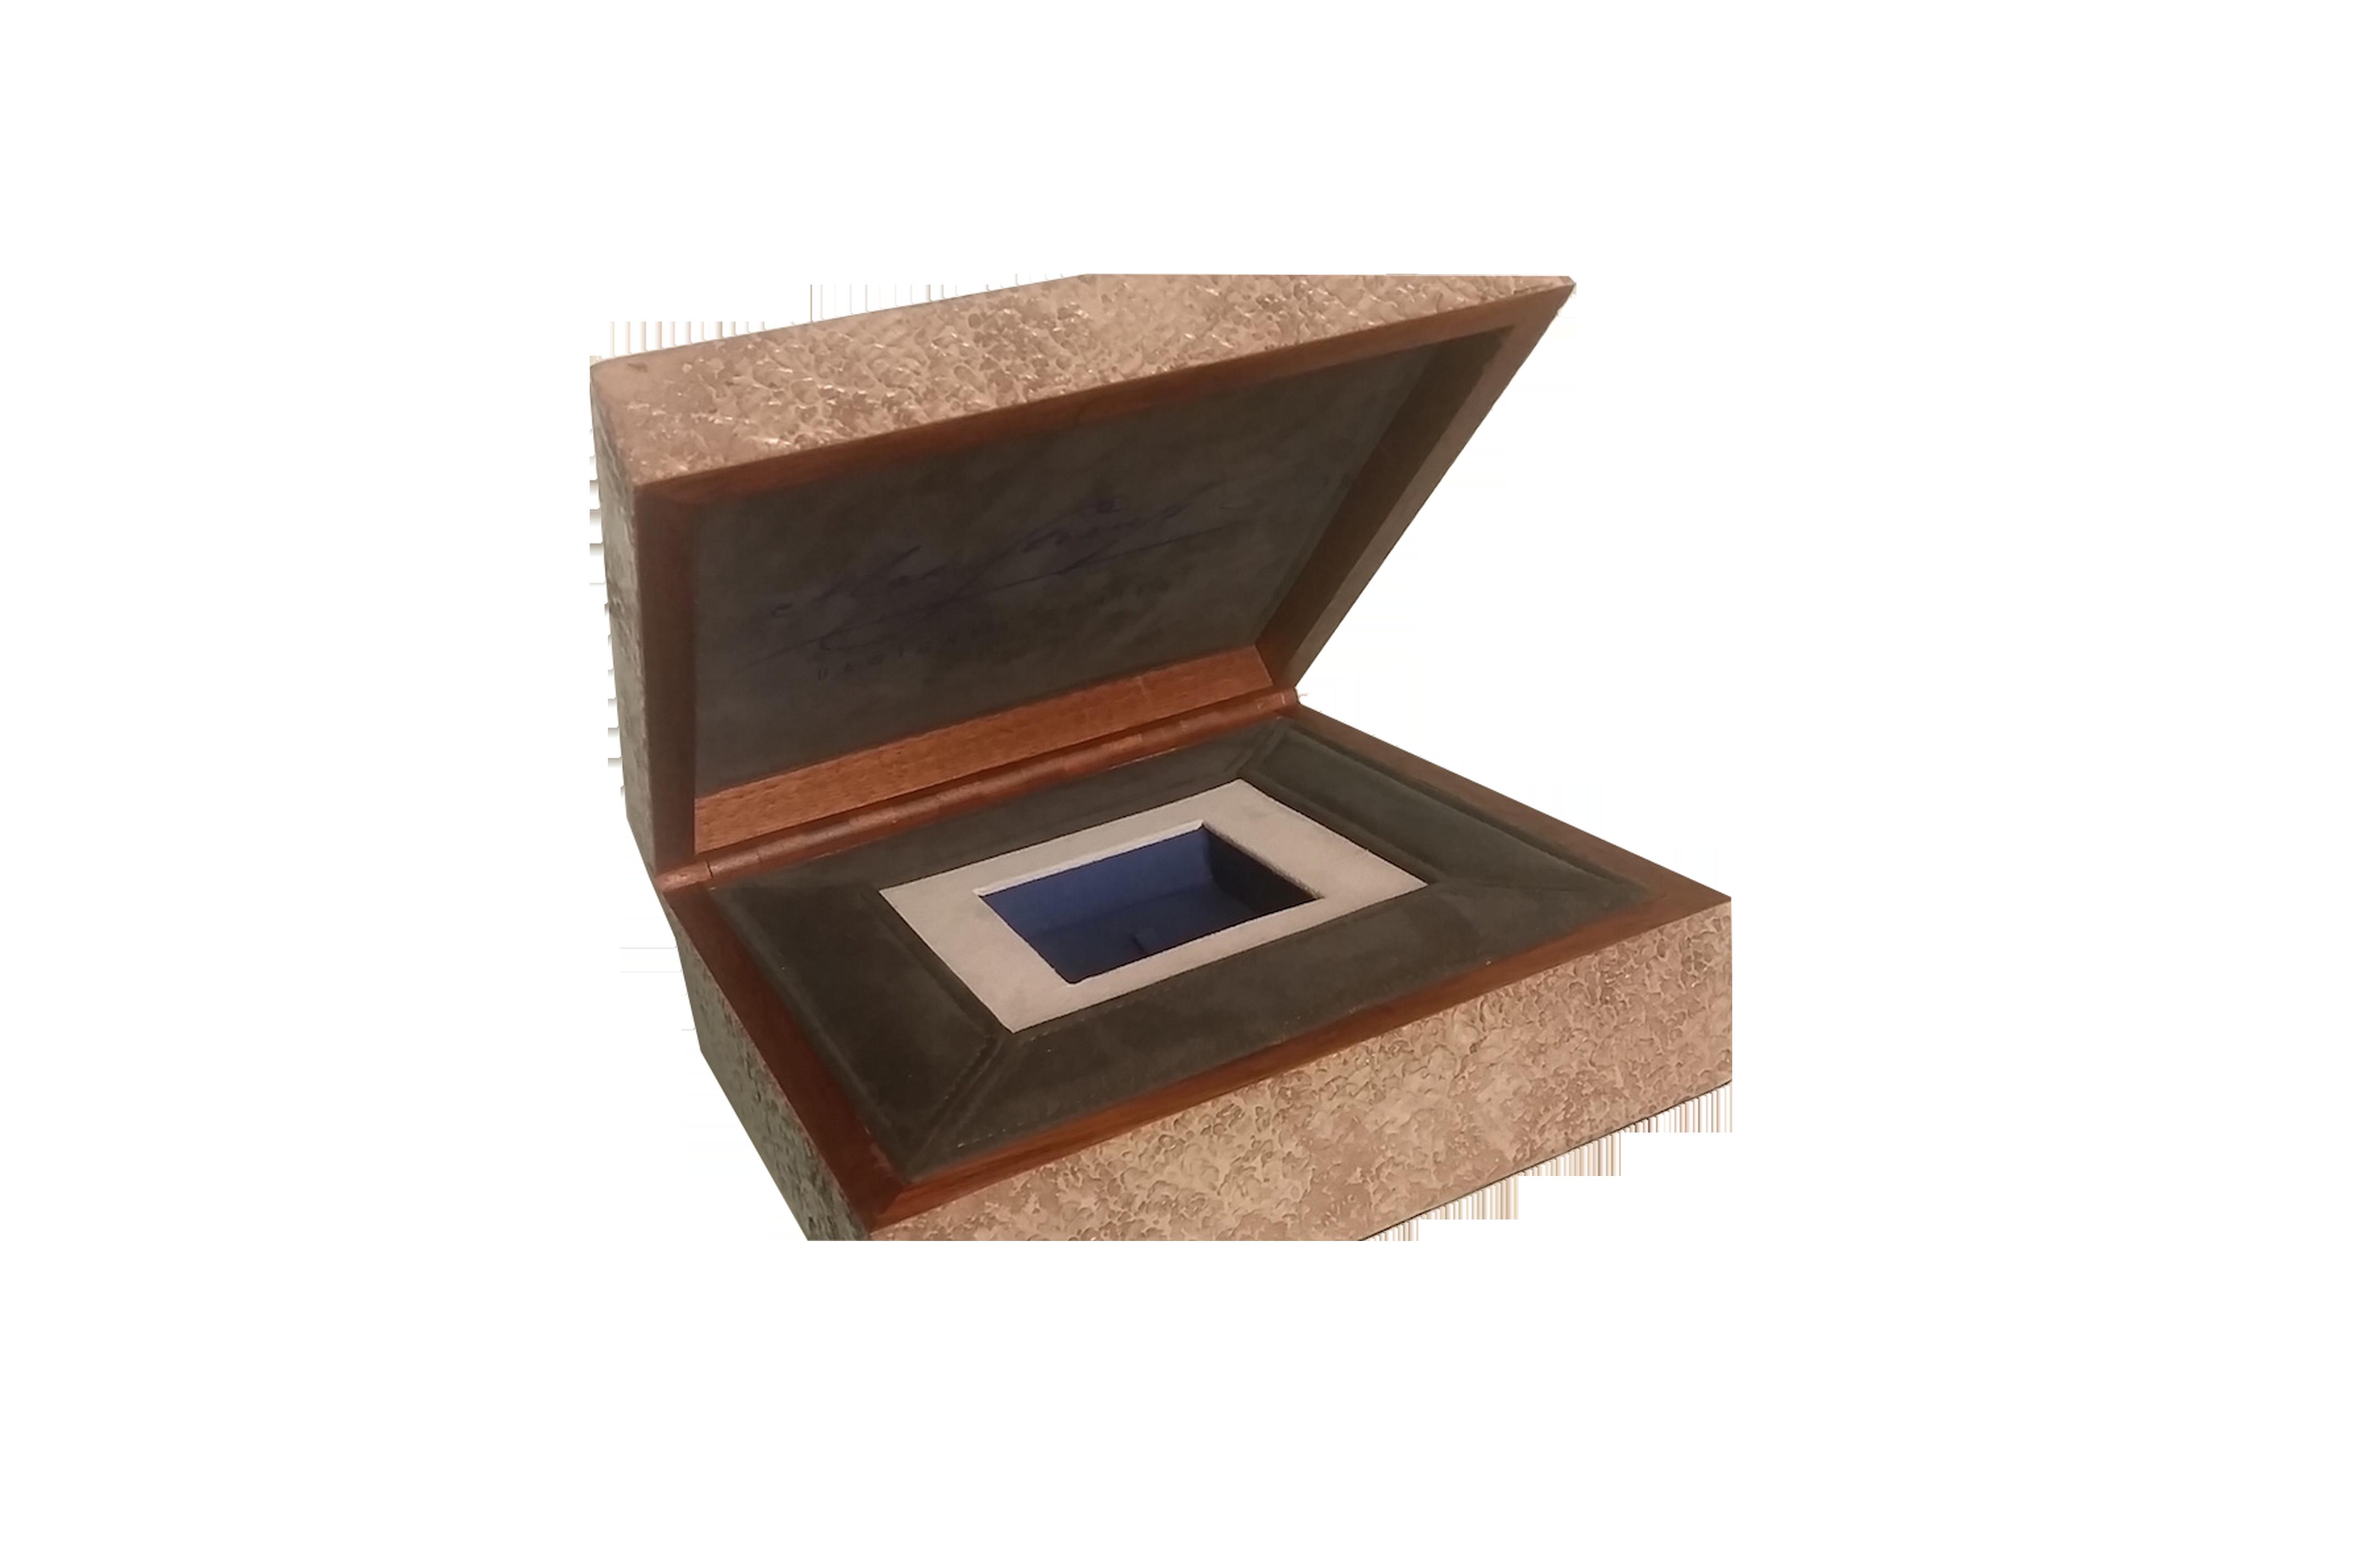 Scatola personalizzata in legno e resina artistica